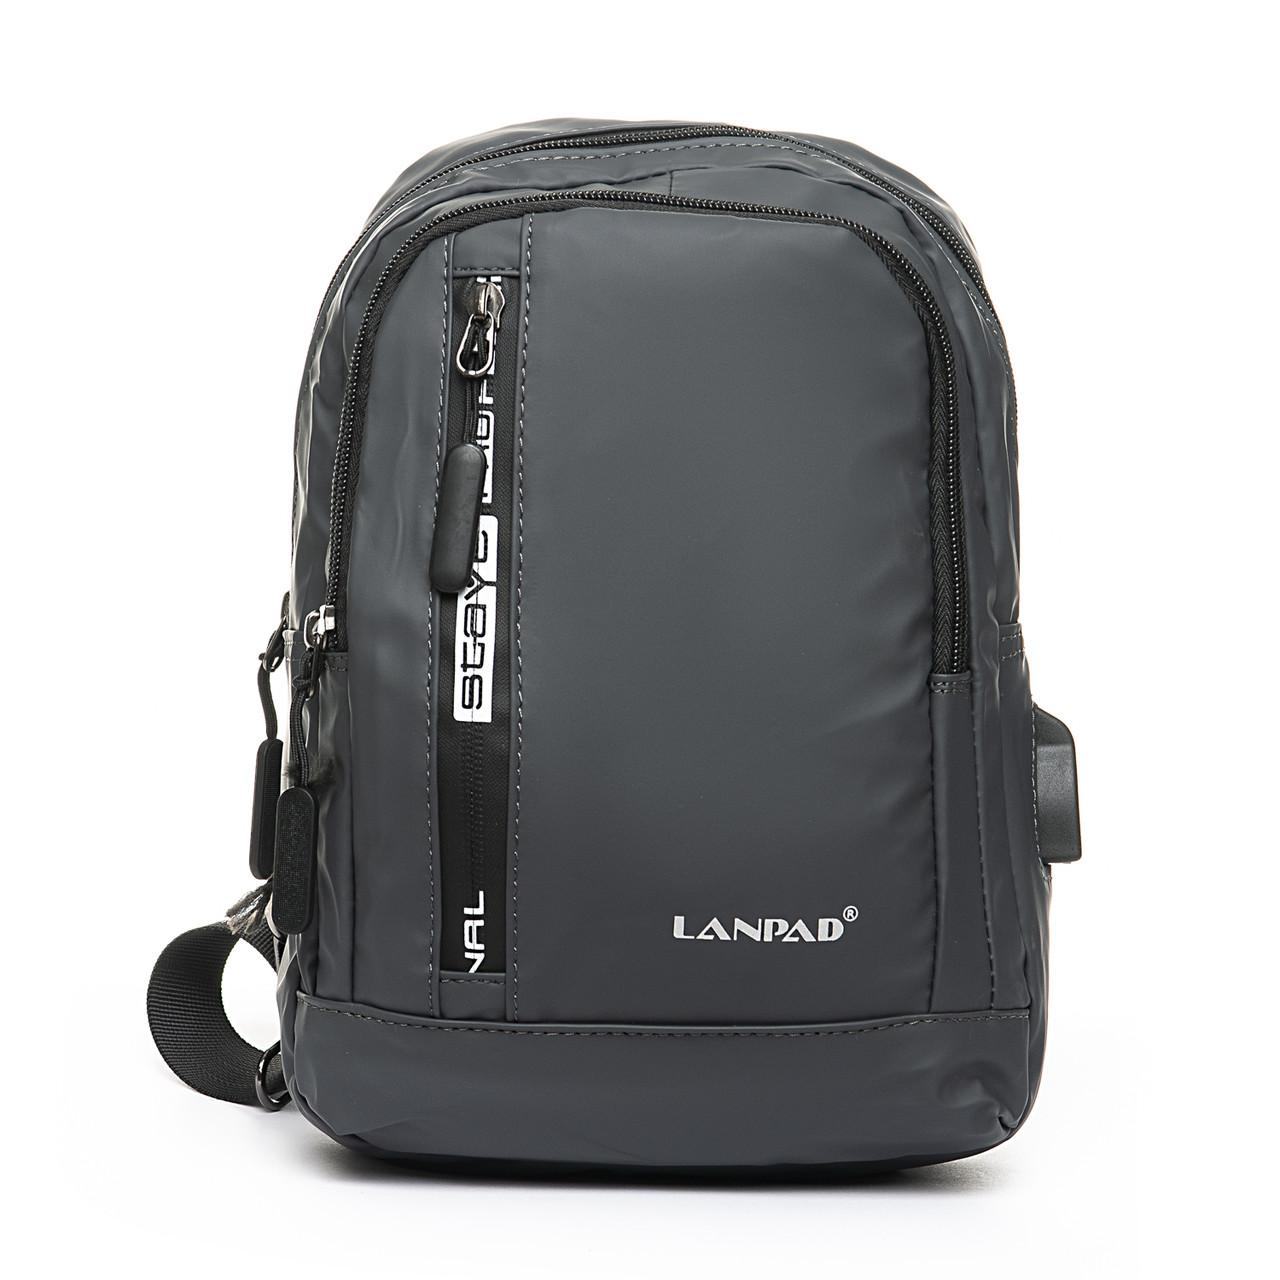 Мужская сумка через плече Lanpad 18 x 28 x 10 см Серый (8329/3)